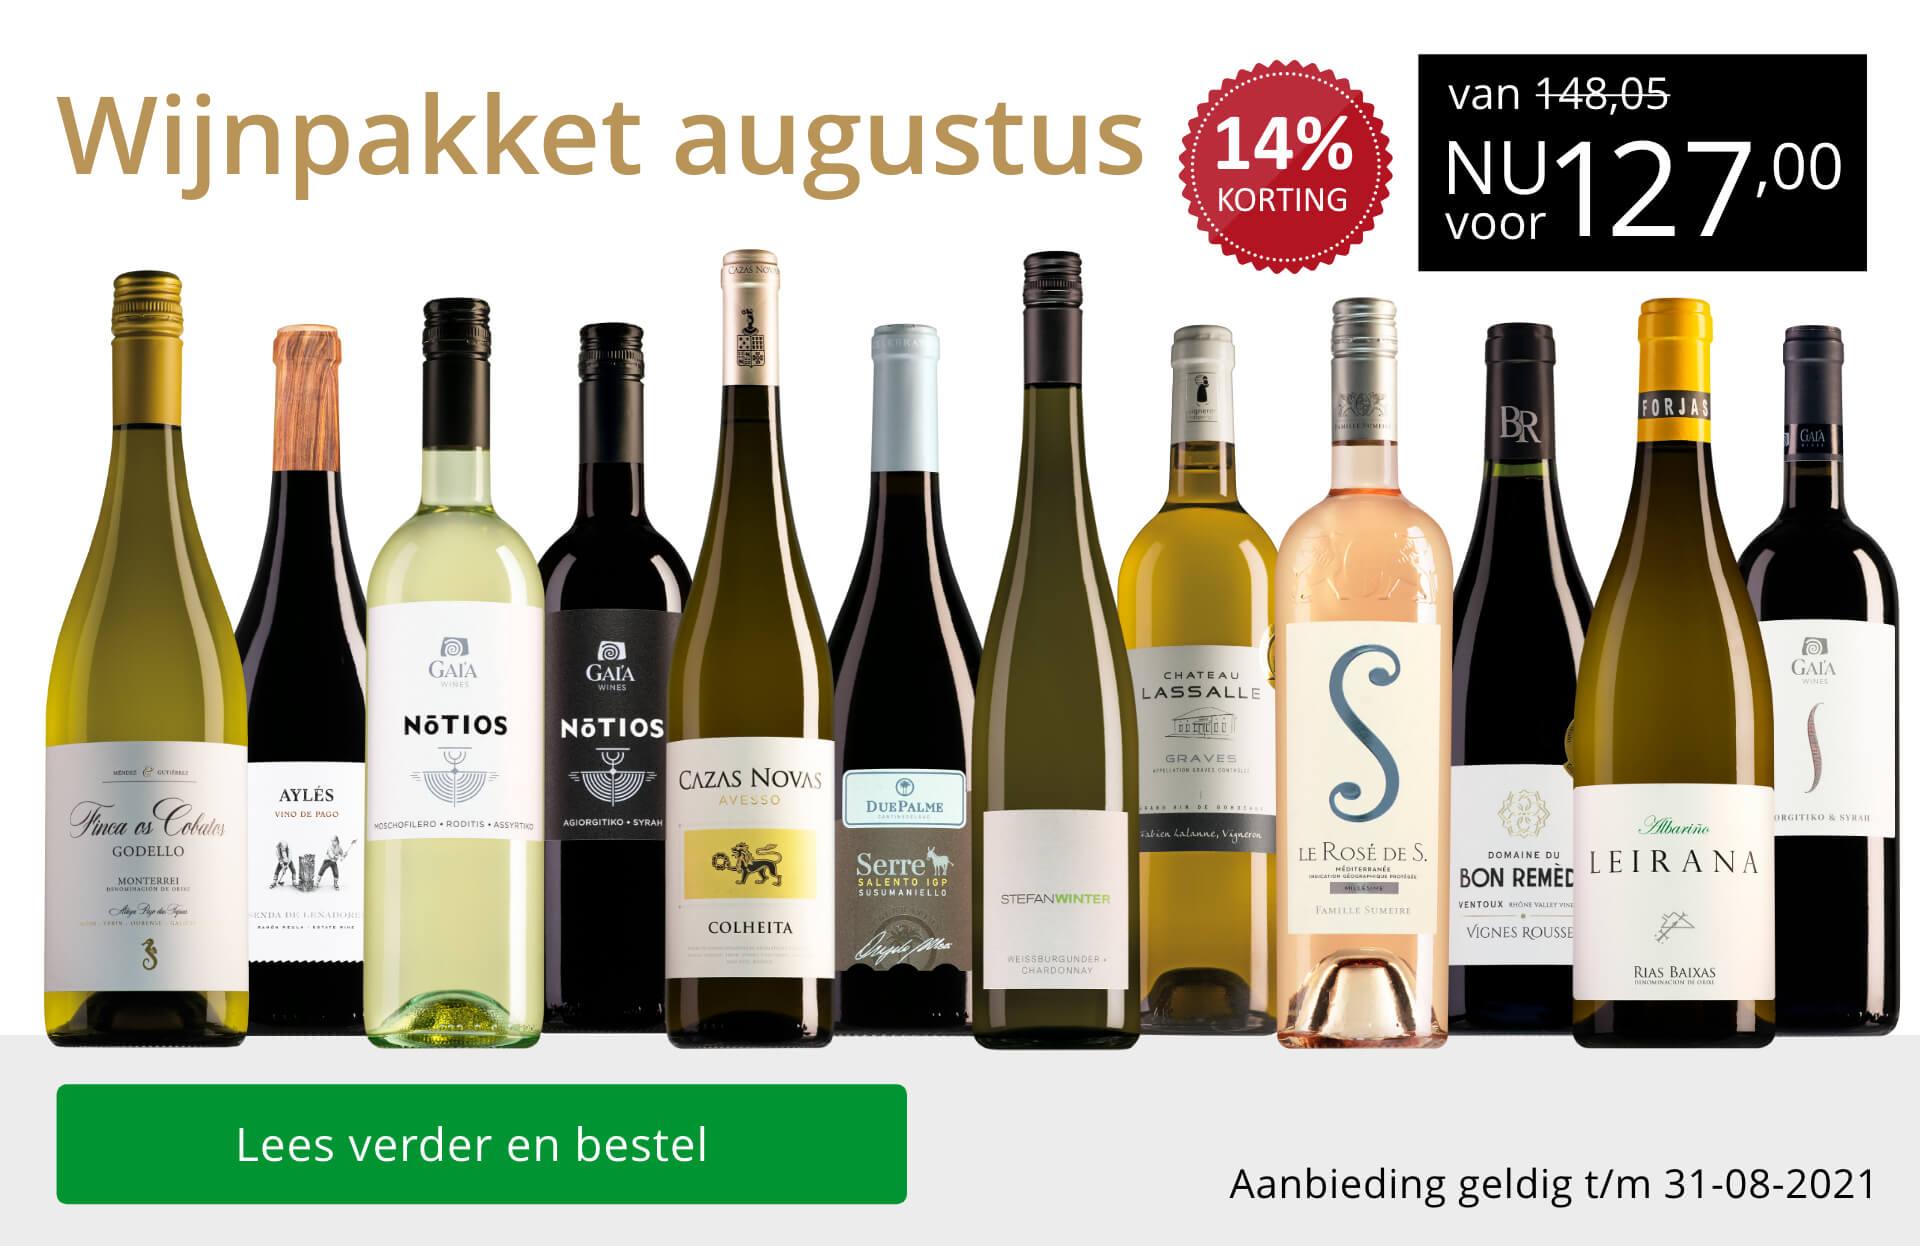 Wijnpakket wijnbericht augustus 2021 (127,00) - goud/zwart